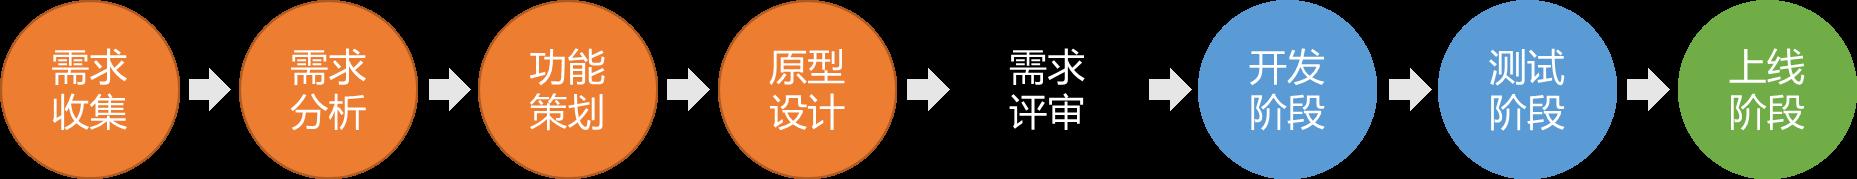 作为一枚优秀的产品经理您知道在项目管理中的八个要素吗?-09大数据